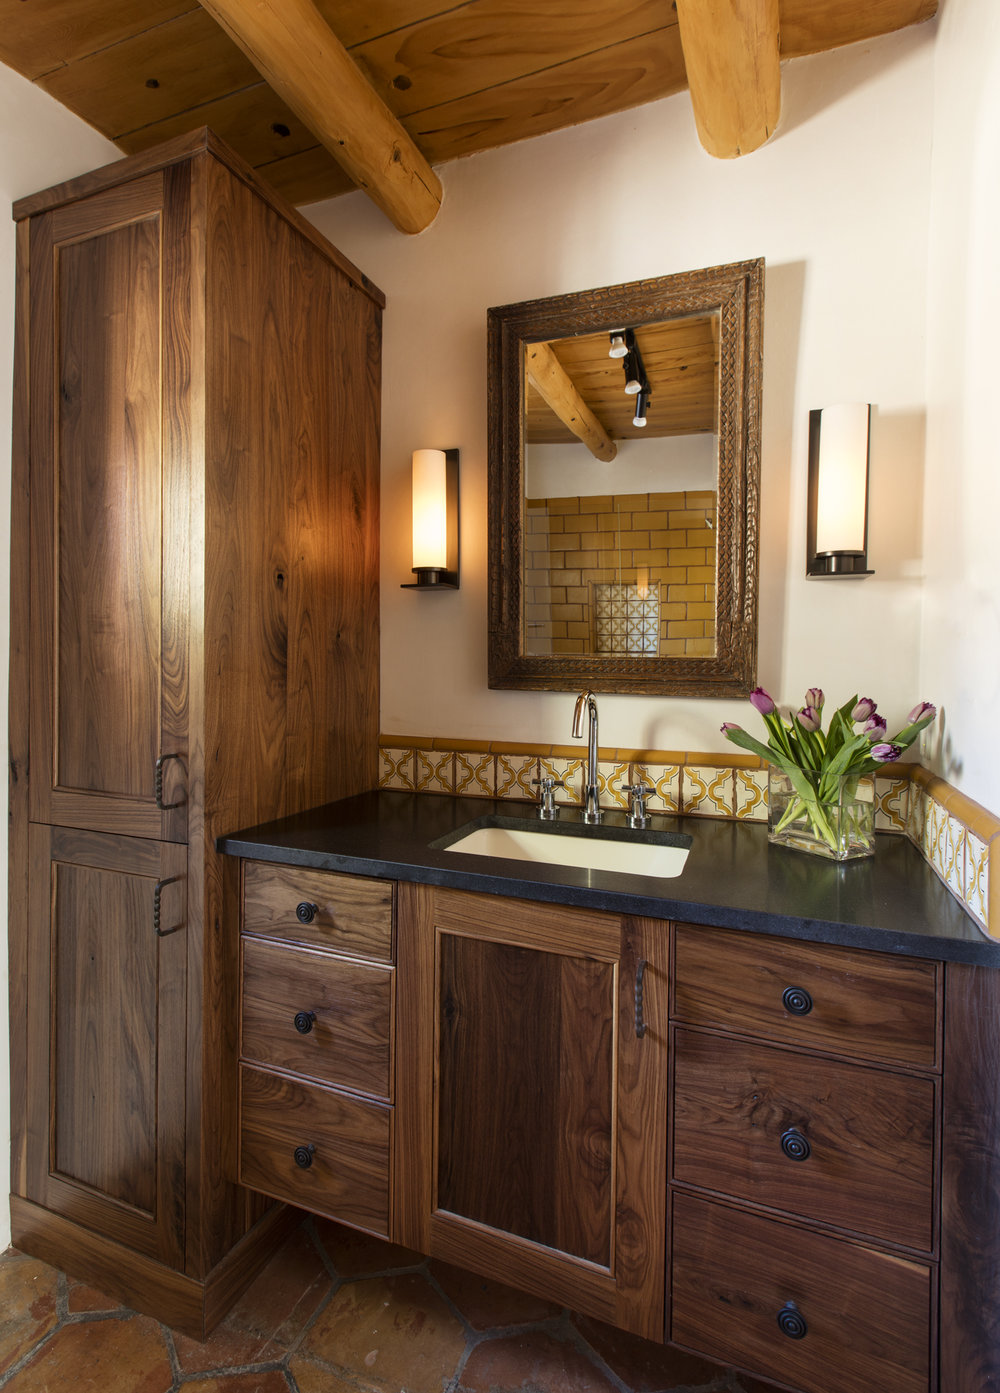 Portfolio U2014 Santa Fe Interior Design Creating Value And  LuxuryPortfolioSanta Fe Interior Design Creating Value And Luxury